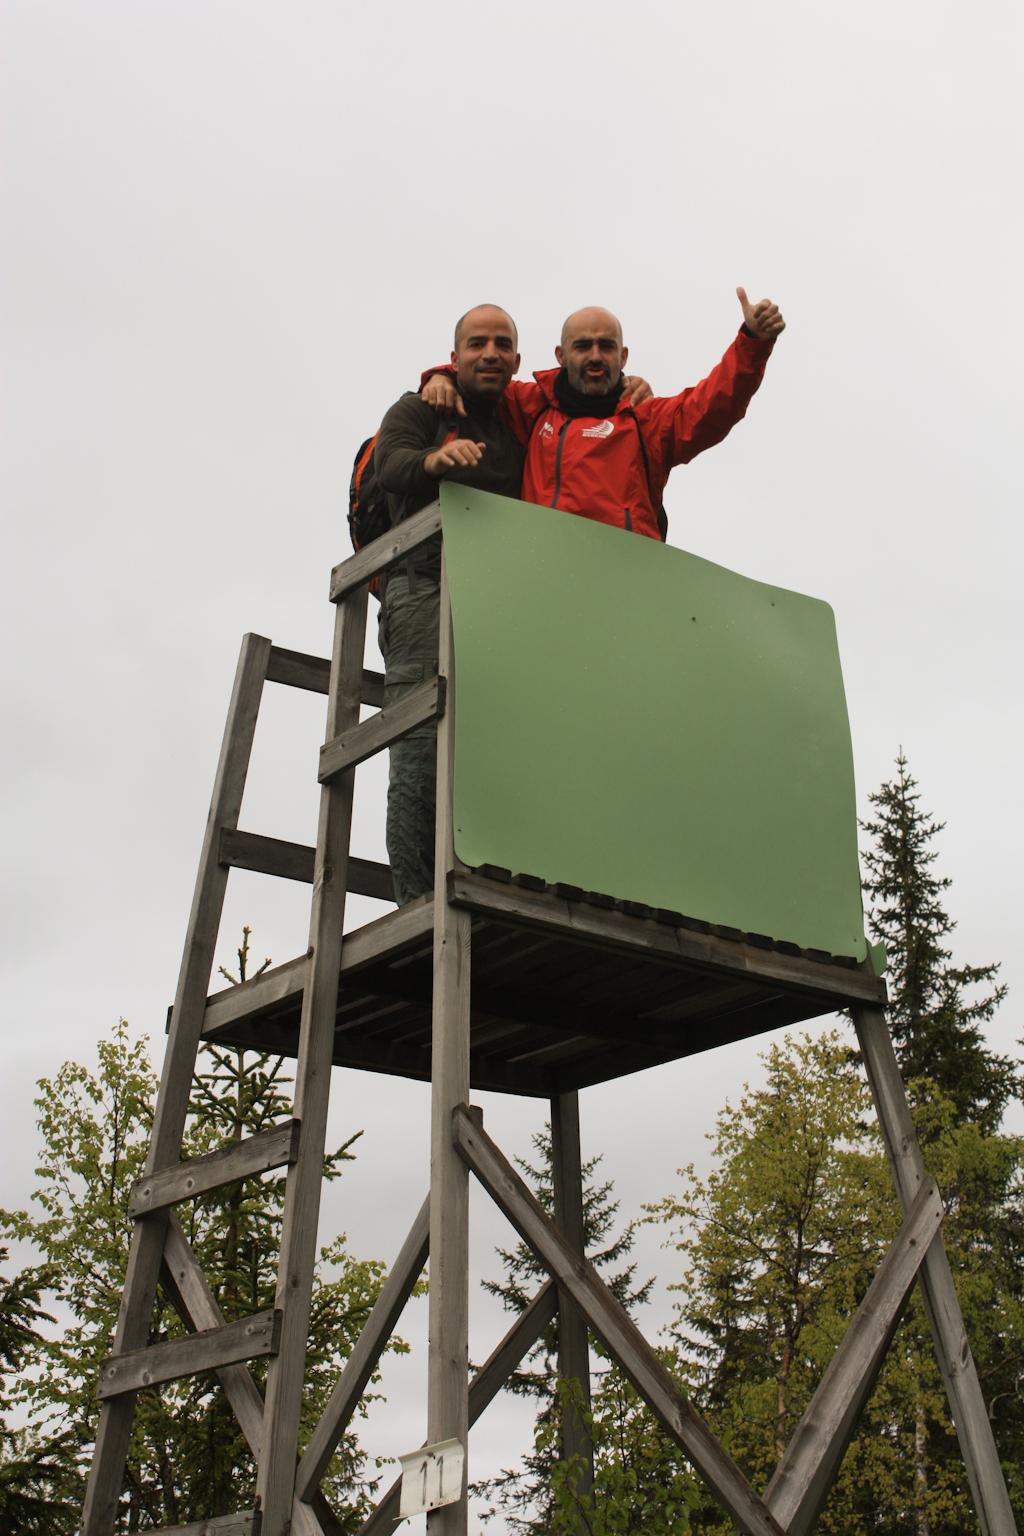 David y Javi subidos a una torre de vigilancia empleada en cacerías <br> Foto: Israel Úbeda